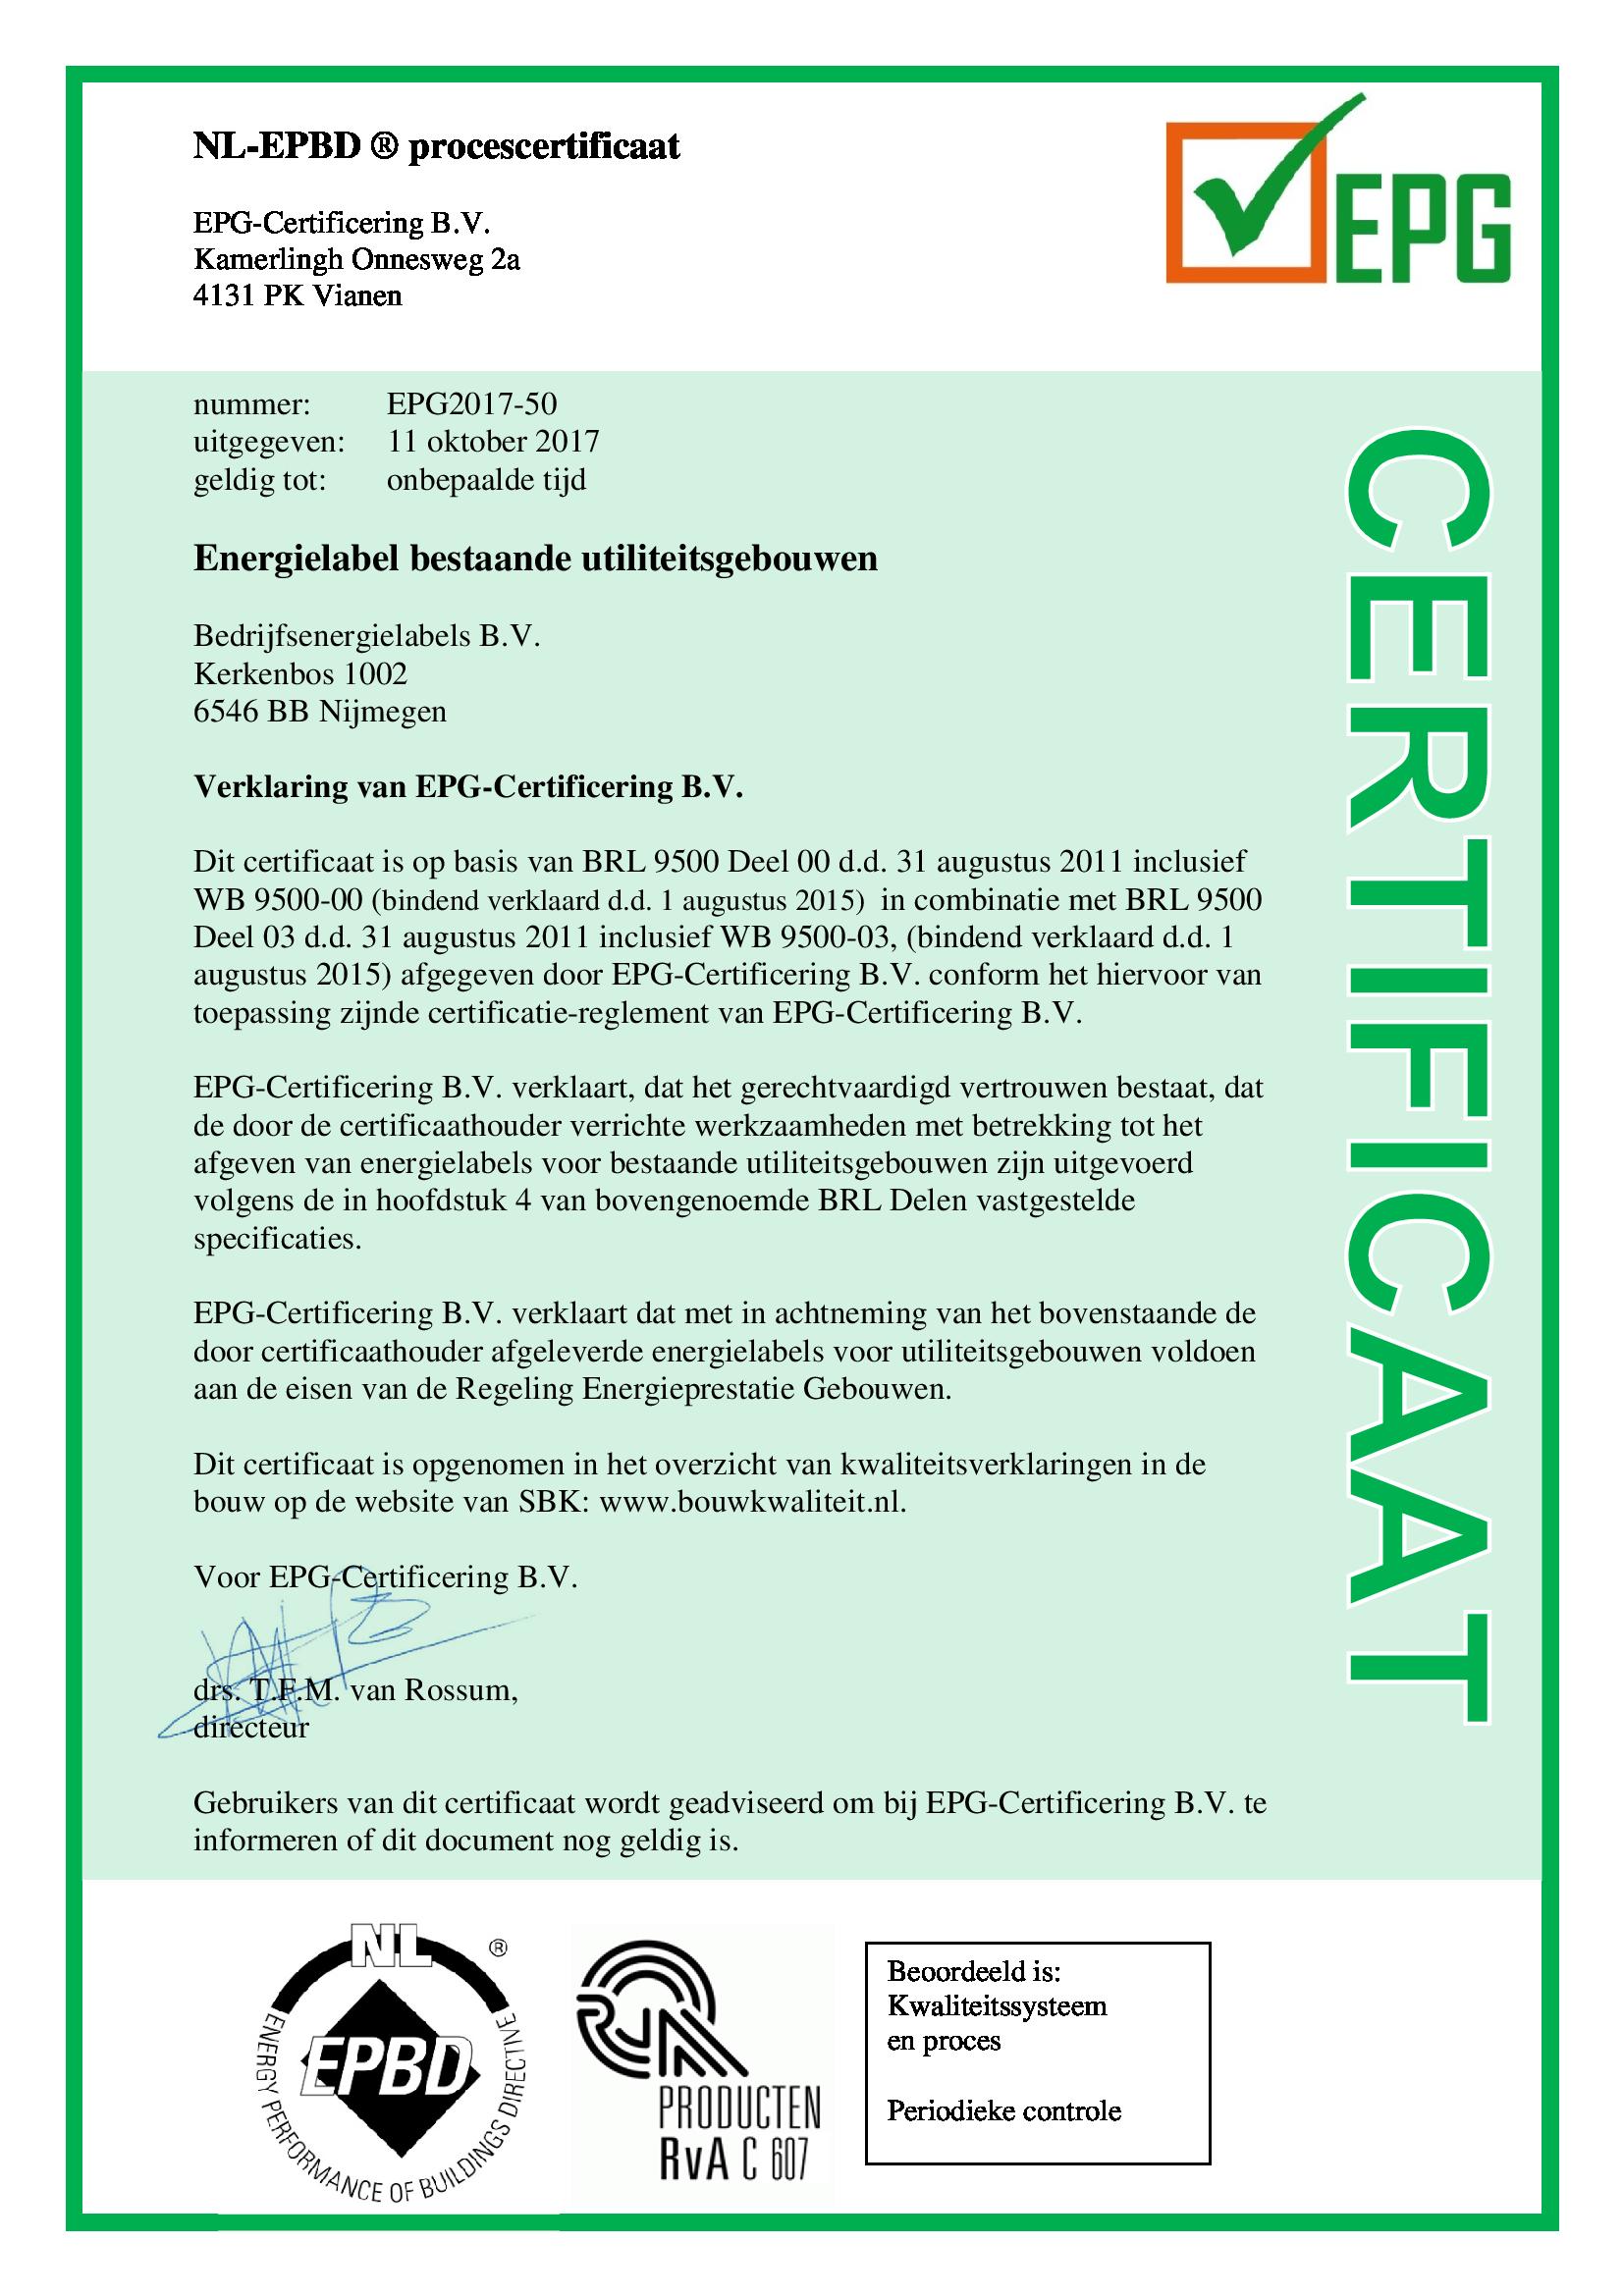 NL-EPBD ® procescertificaat EPG-Certificering B.V. Kamerlingh Onnesweg 2a 4131 PK Vianen nummer: EPG2017-50 uitgegeven: 11 oktober 2017 geldig tot: onbepaalde tijd Energielabel bestaande utiliteitsgebouwen Bedrijfsenergielabels B.V. Kerkenbos 1002 6546 BB Nijmegen Verklaring van EPG-Certificering B.V. Dit certificaat is op basis van BRL 9500 Deel 00 d.d. 31 augustus 2011 inclusief WB 9500-00 (bindend verklaard d.d. 1 augustus 2015) in combinatie met BRL 9500 Deel 03 d.d. 31 augustus 2011 inclusief WB 9500-03, (bindend verklaard d.d. 1 augustus 2015) afgegeven door EPG-Certificering B.V. conform het hiervoor van toepassing zijnde certificatie-reglement van EPG-Certificering B.V. EPG-Certificering B.V. verklaart, dat het gerechtvaardigd vertrouwen bestaat, dat de door de certificaathouder verrichte werkzaamheden met betrekking tot het afgeven van energielabels voor bestaande utiliteitsgebouwen zijn uitgevoerd volgens de in hoofdstuk 4 van bovengenoemde BRL Delen vastgestelde specificaties. EPG-Certificering B.V. verklaart dat met in achtneming van het bovenstaande de door certificaathouder afgeleverde energielabels voor utiliteitsgebouwen voldoen aan de eisen van de Regeling Energieprestatie Gebouwen. Dit certificaat is opgenomen in het overzicht van kwaliteitsverklaringen in de bouw op de website van SBK: www.bouwkwaliteit.nl. Voor EPG-Certificering B.V. drs. T.F.M. van Rossum, directeur Gebruikers van dit certificaat wordt geadviseerd om bij EPG-Certificering B.V. te informeren of dit document nog geldig is.